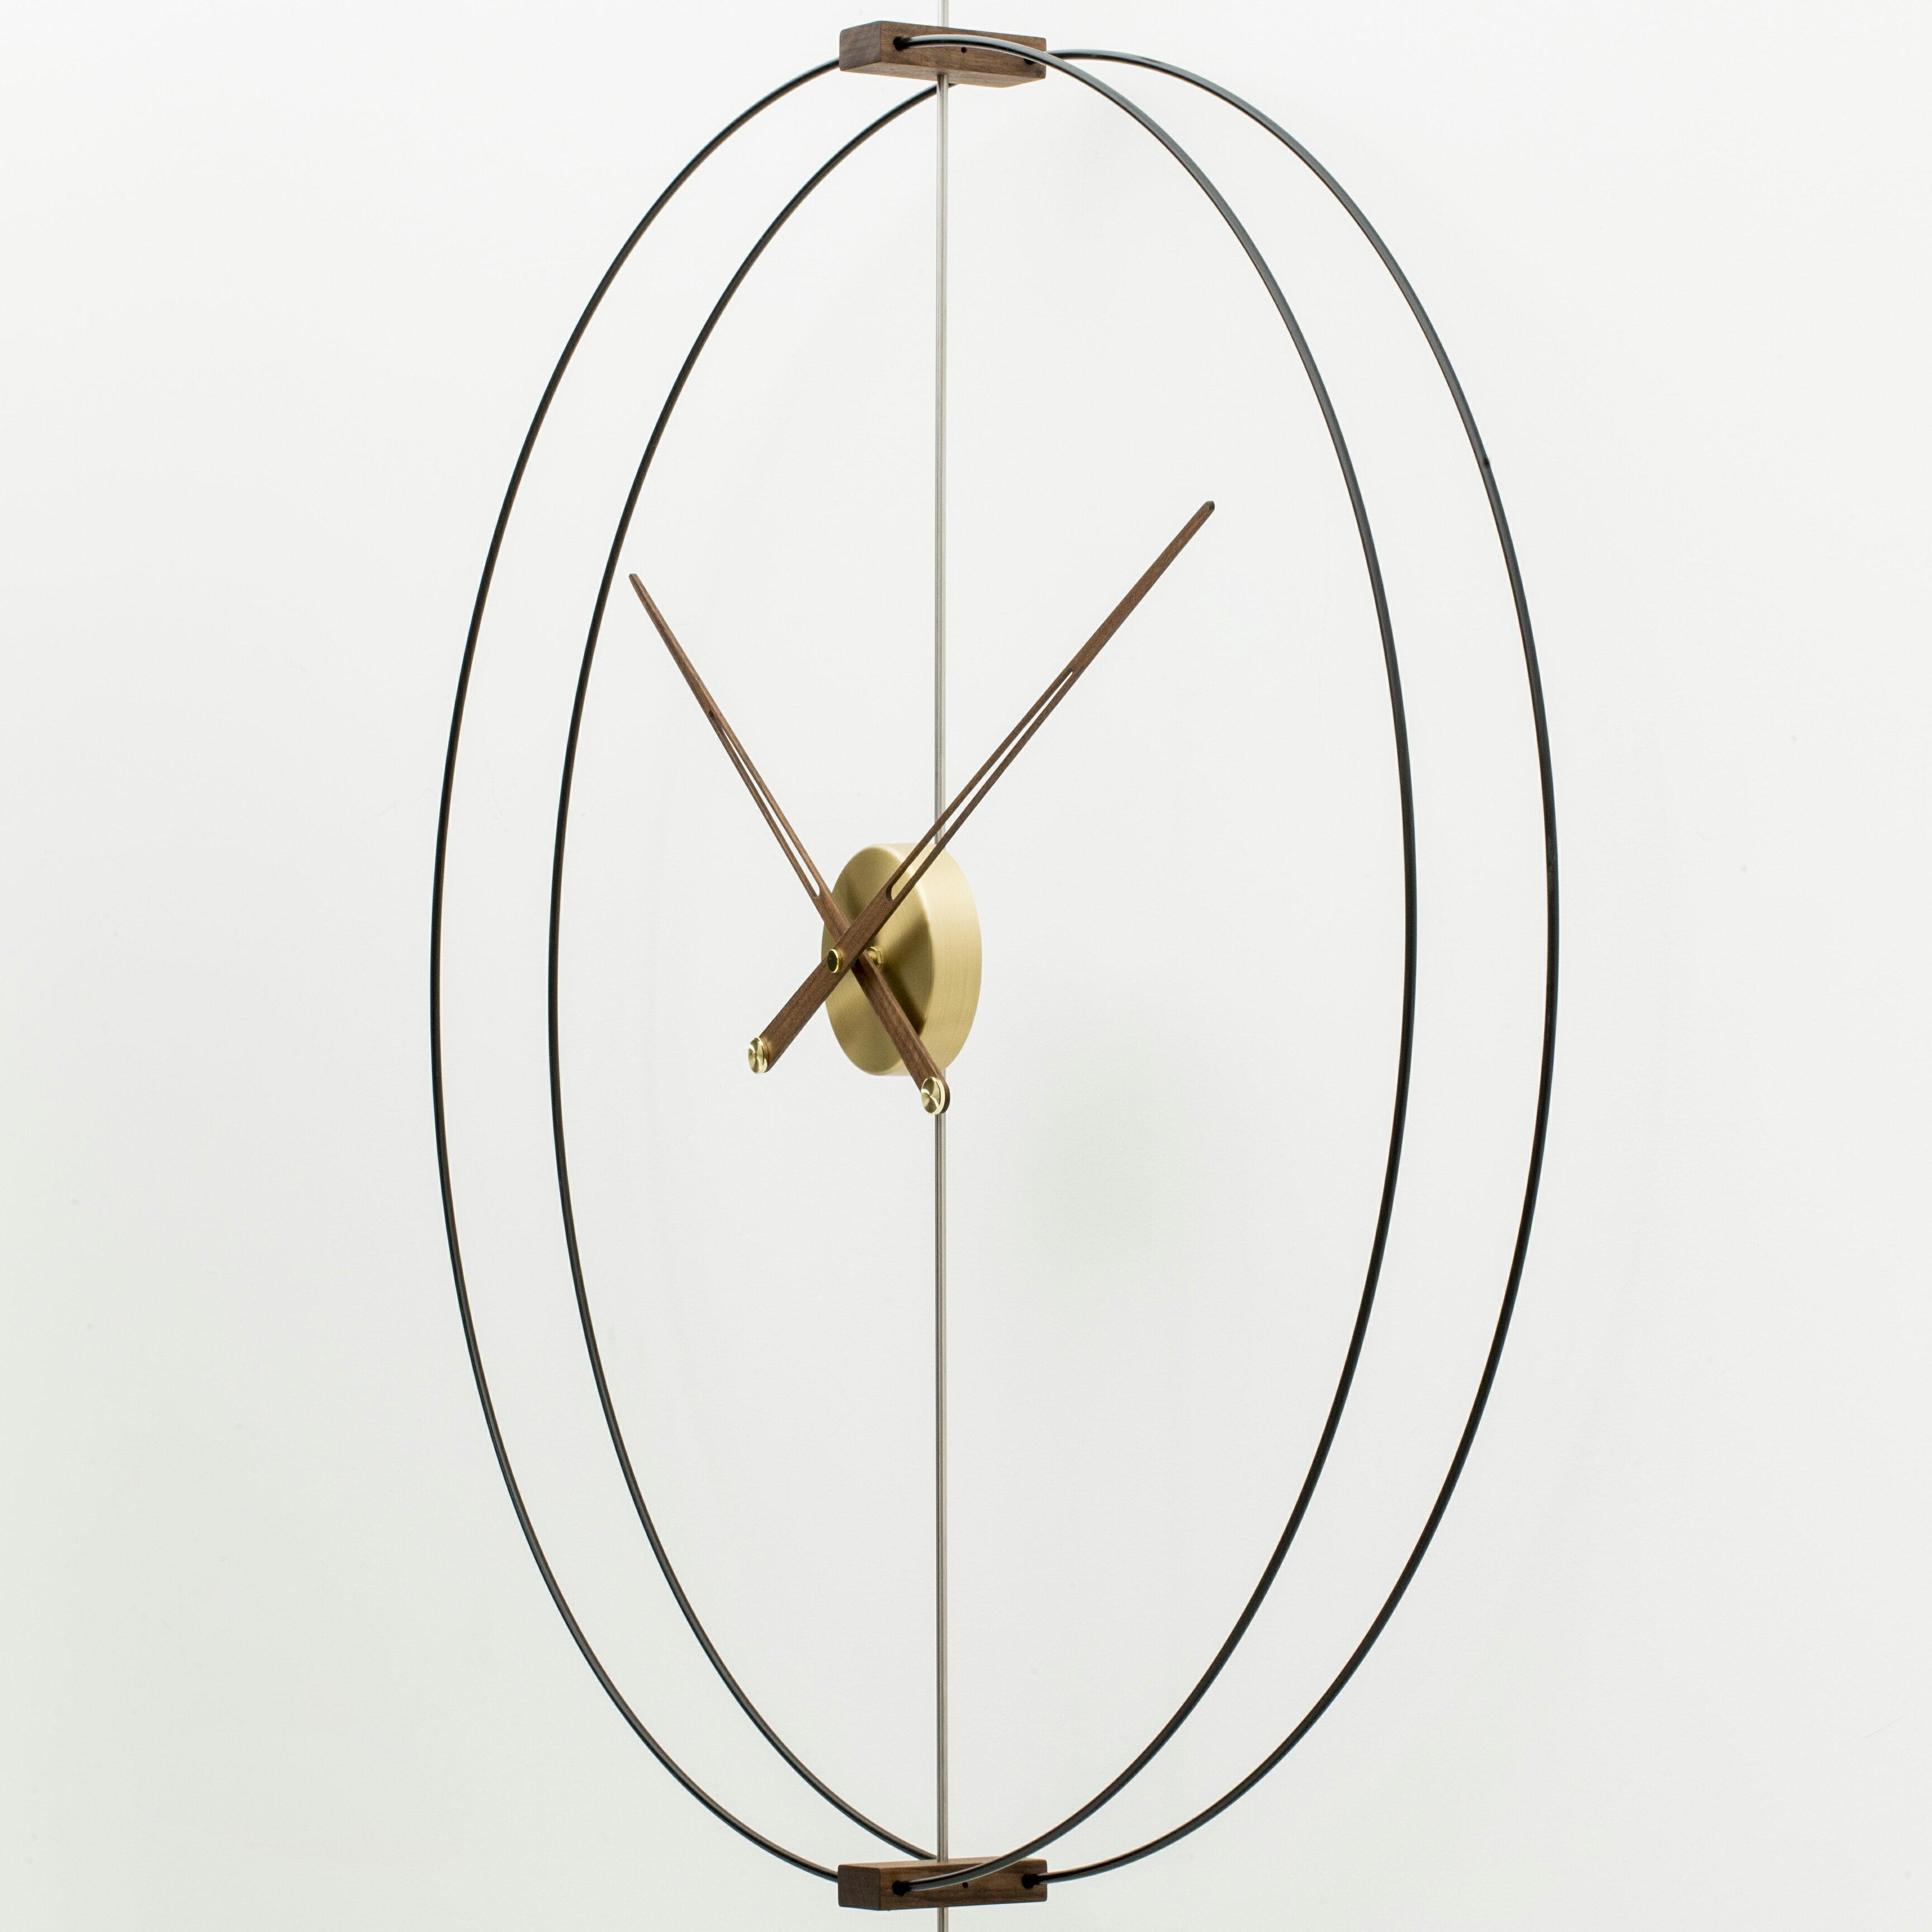 家用藝術靜音創意輕奢西班牙極簡樣板間客廳實木超大指針掛鐘表